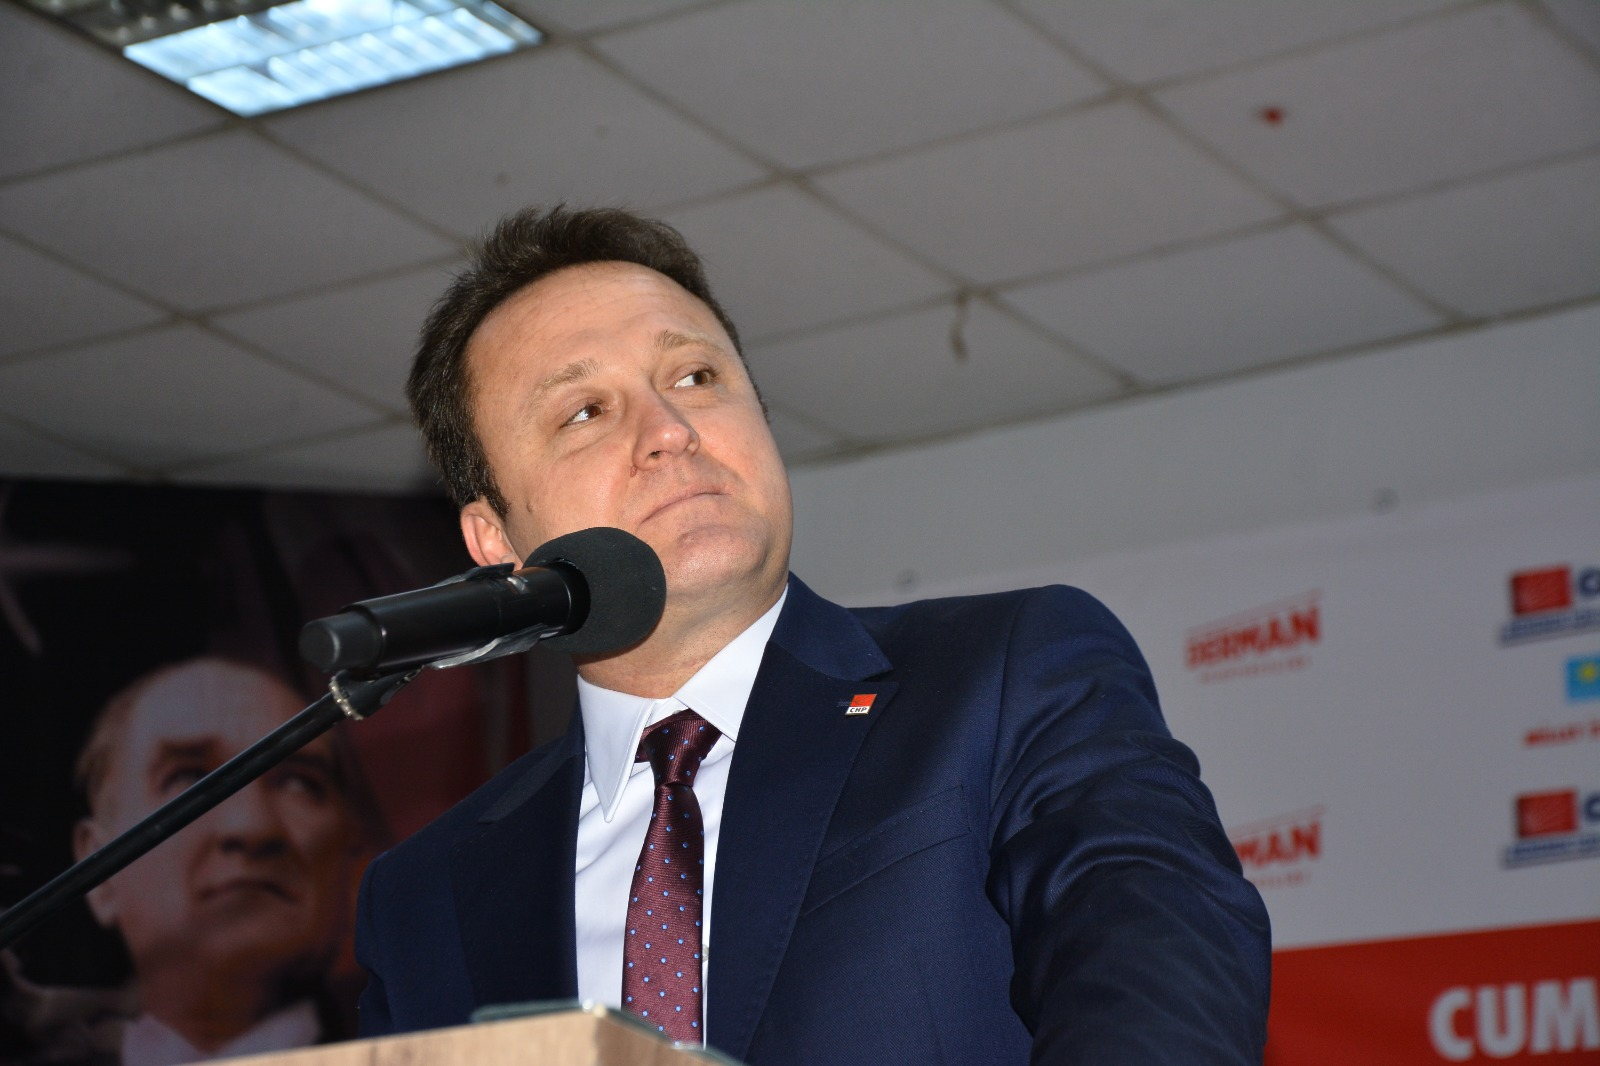 Menemen Belediye Başkanı Serdar Aksoy tutuklandı